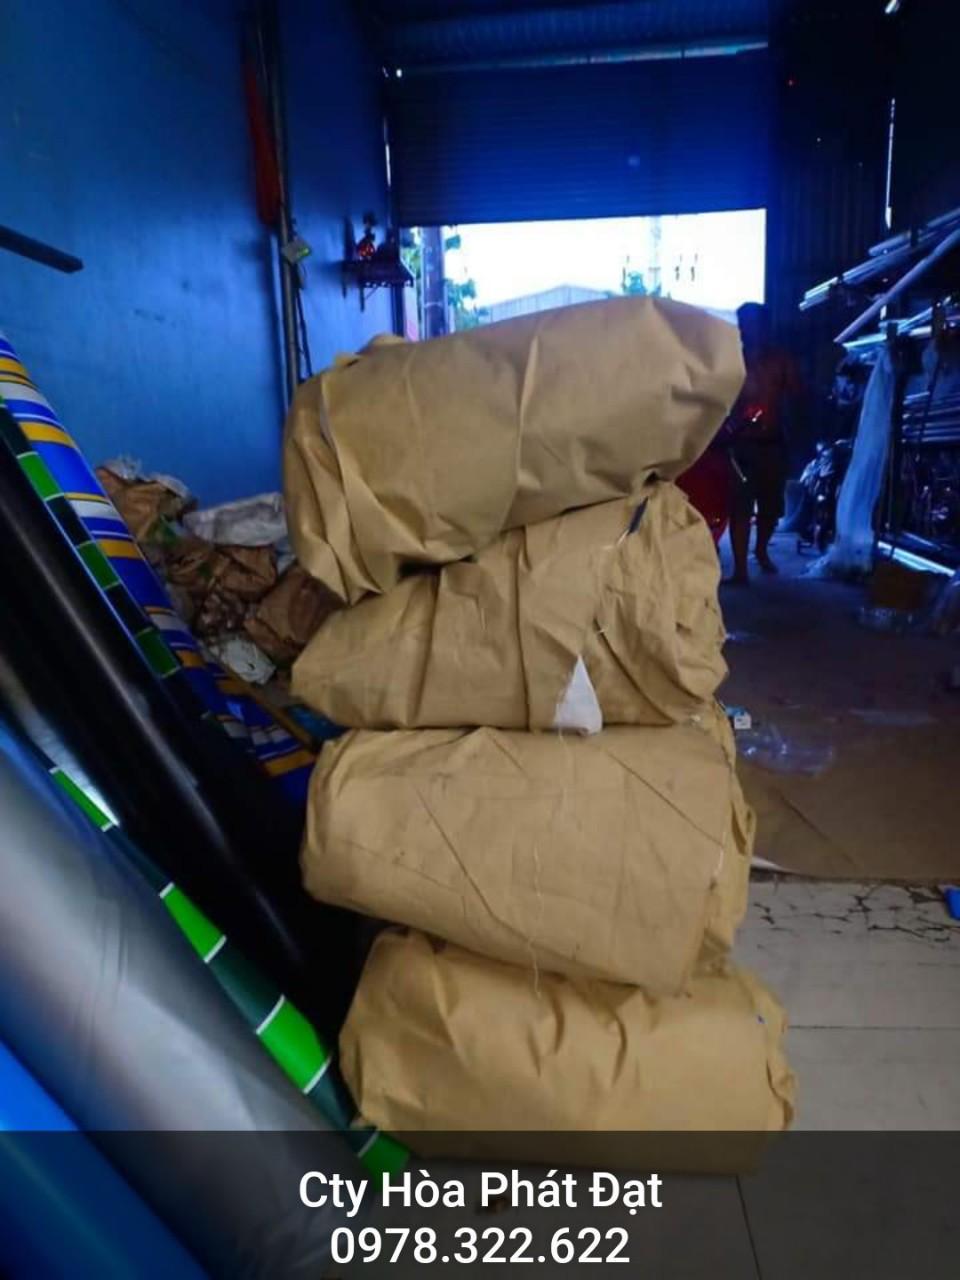 Chuyên cung cấp nhận in may ép vải bạt mái hiên mái xếp theo yêu cầu, gia công thay bạt mái che tại bắc ninh